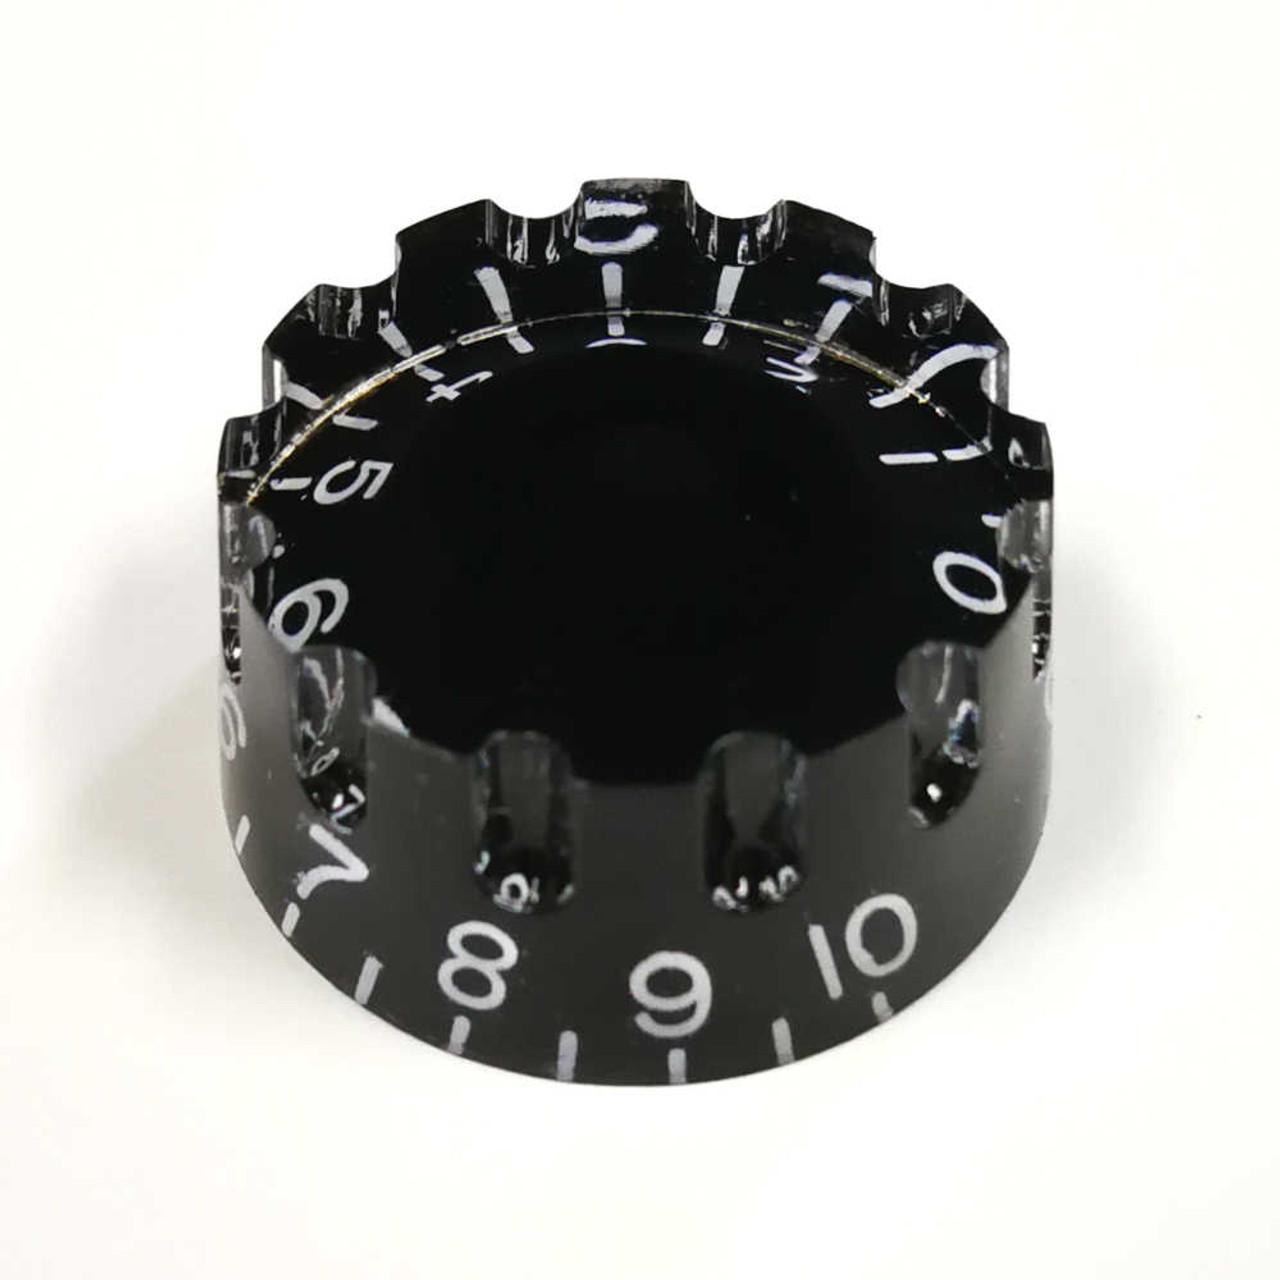 Knurled Speed Knob - 18-spline Black